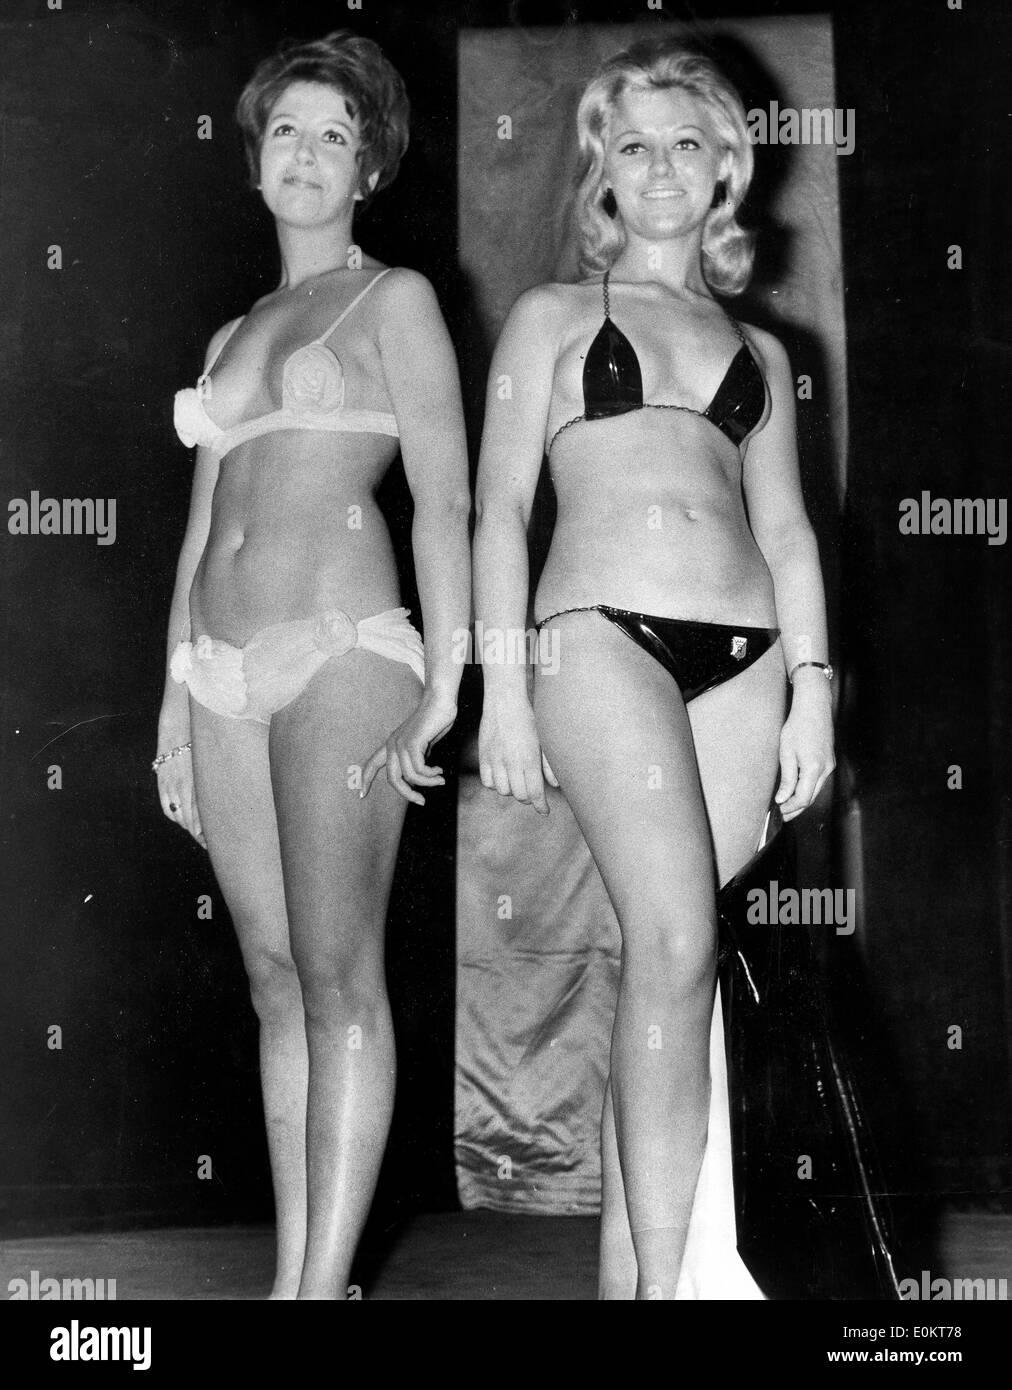 01 janv., 1950 - Dossier Photo: Vers les années 1940 des années 1950, lieu inconnu. Jeunes filles posant en bikini dans des défilés de mode, les pousses et sur les plages de bronzage. Selon la version officielle, le bikini moderne a été inventé par l'ingénieur français Louis et Rekard Fashion designer Jacques Heim à Paris en 1946 et a présenté le 5 juillet à un défilé à Piscine Molitor à Paris. C'était un bikini avec un g-string dos Photo Stock